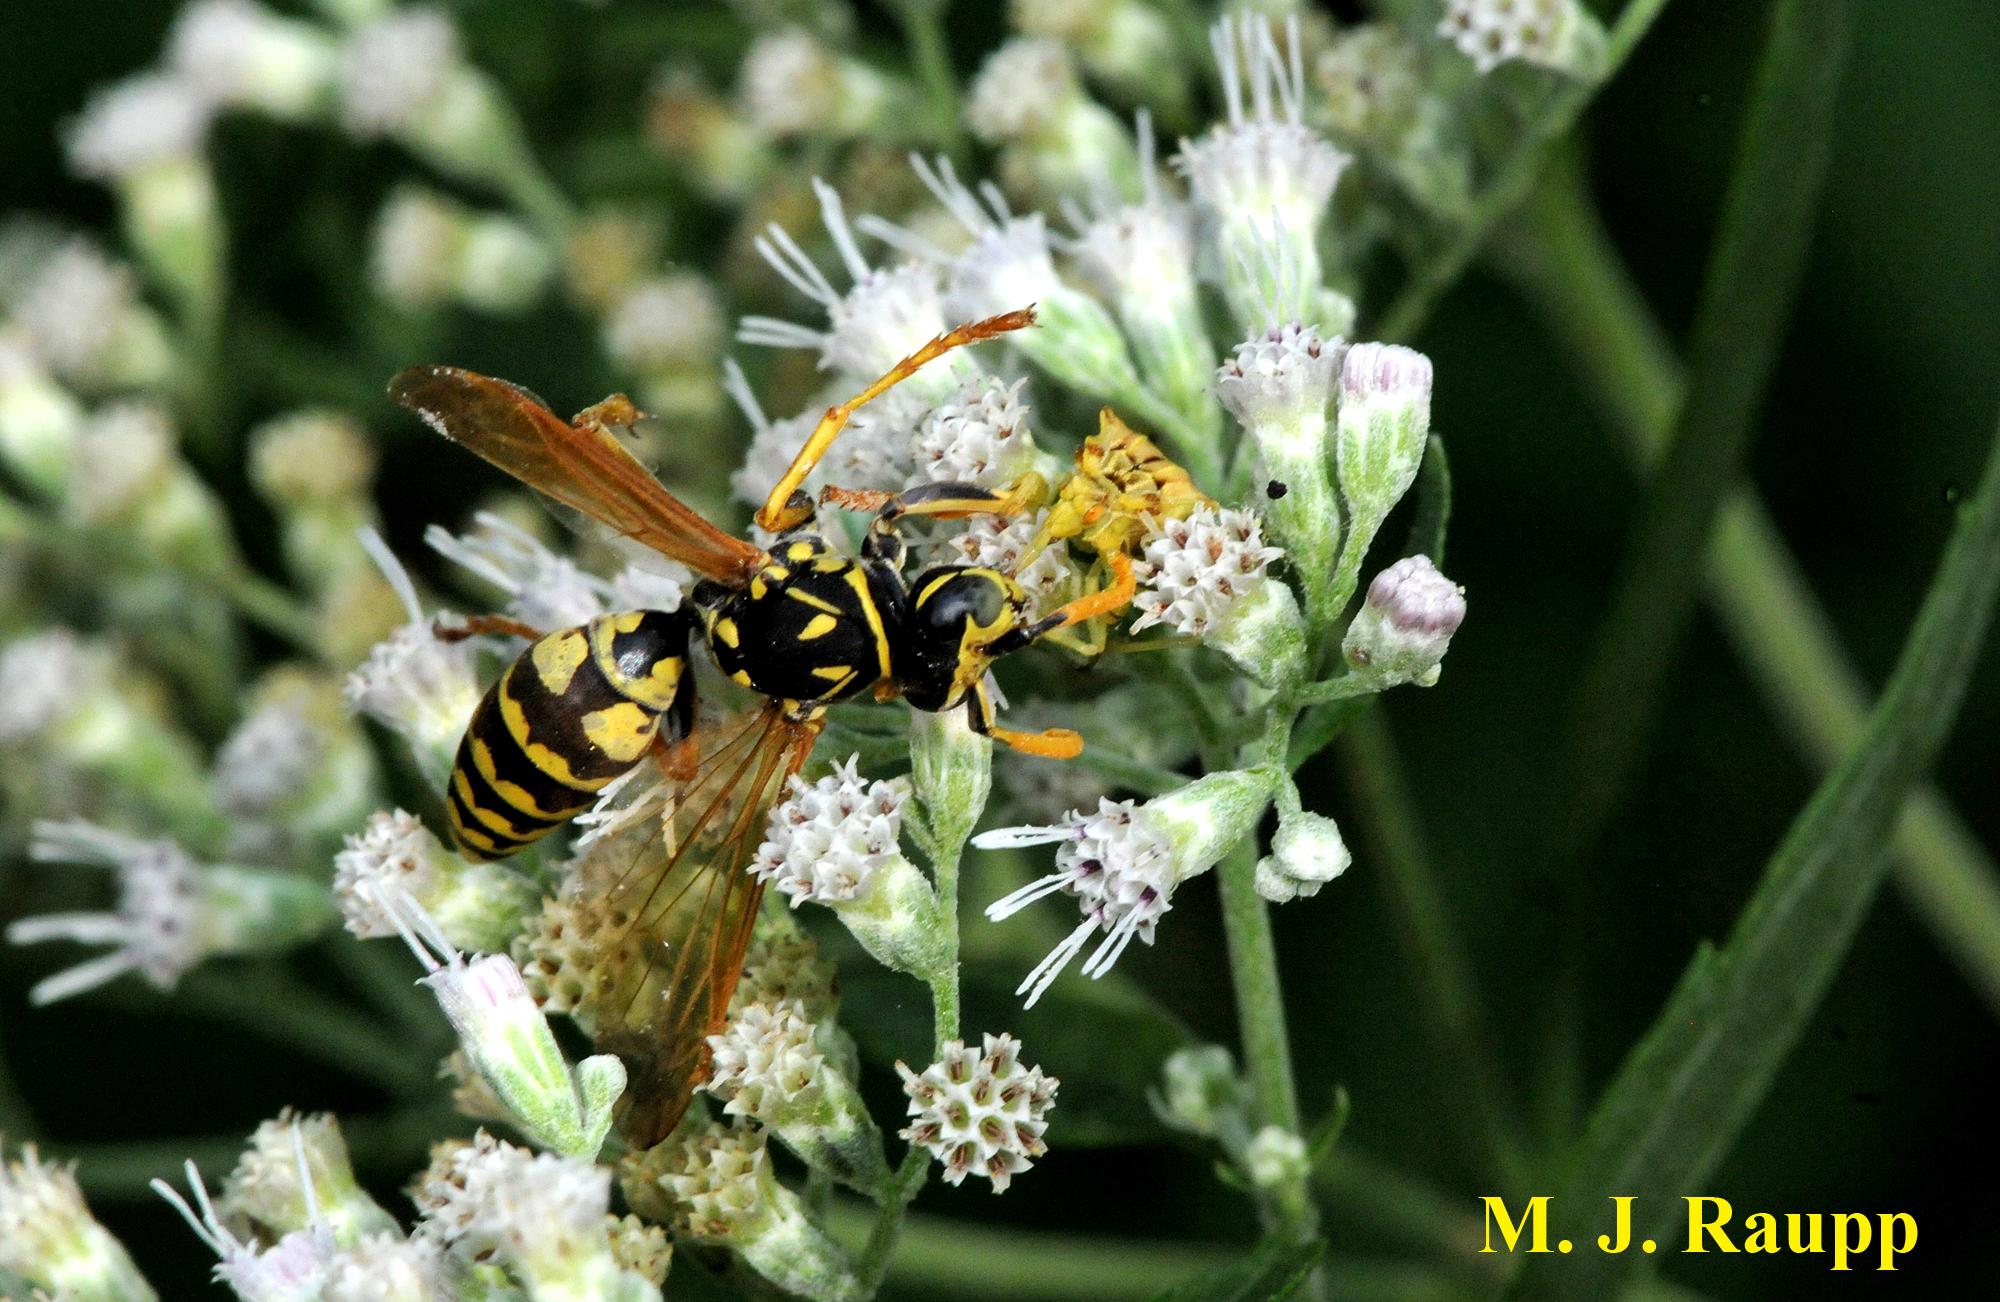 A yellow and brown ambush bug gives a small wasp a perfidious kiss.